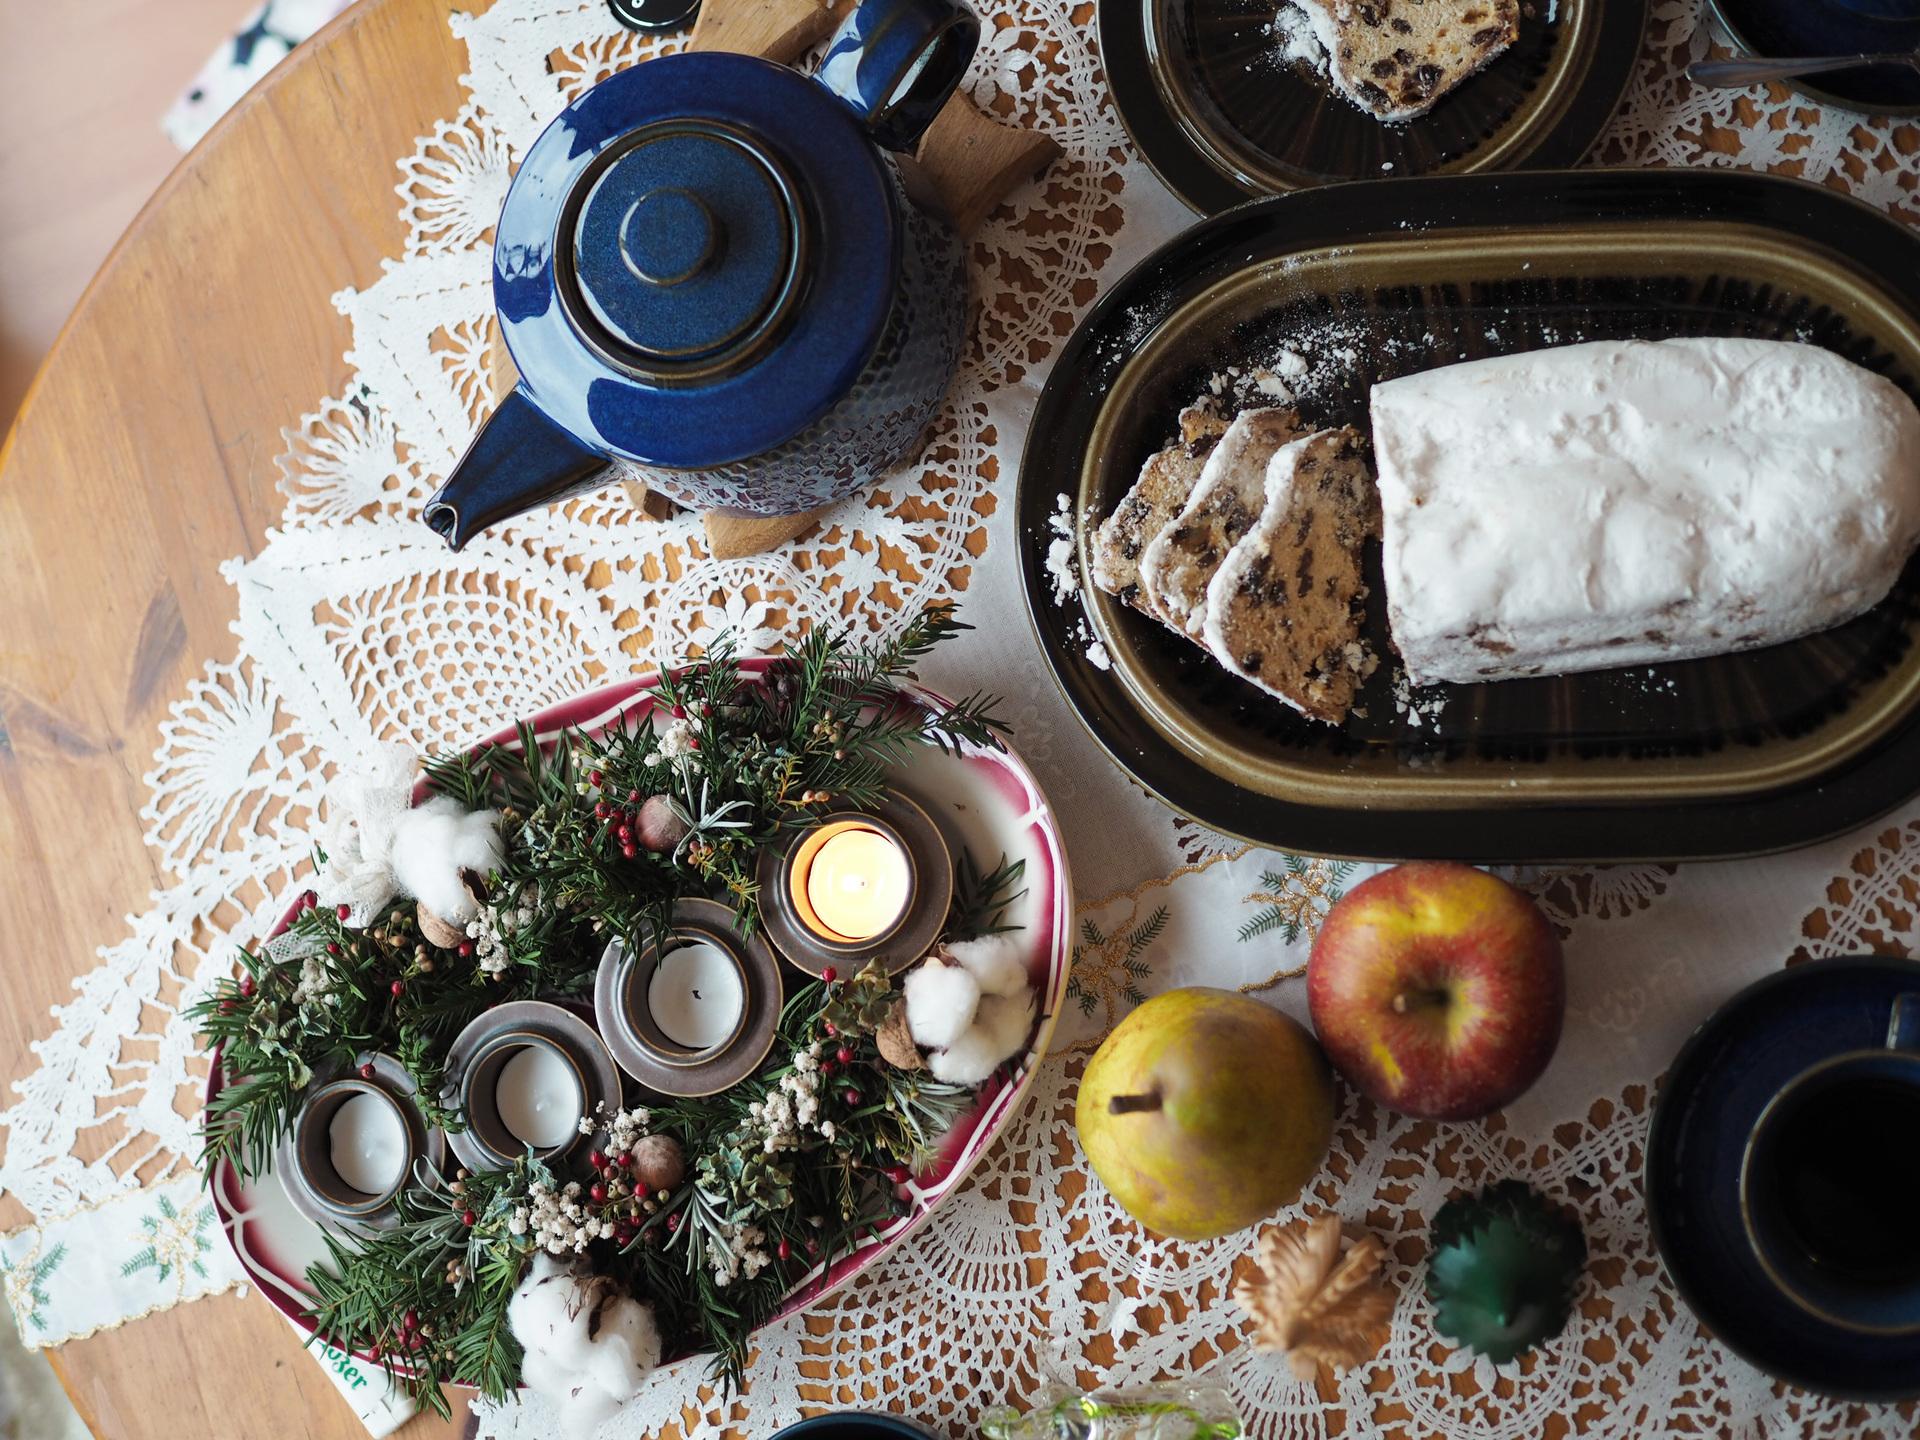 ヴィンテージブルーと冬のテーブルコーディネート